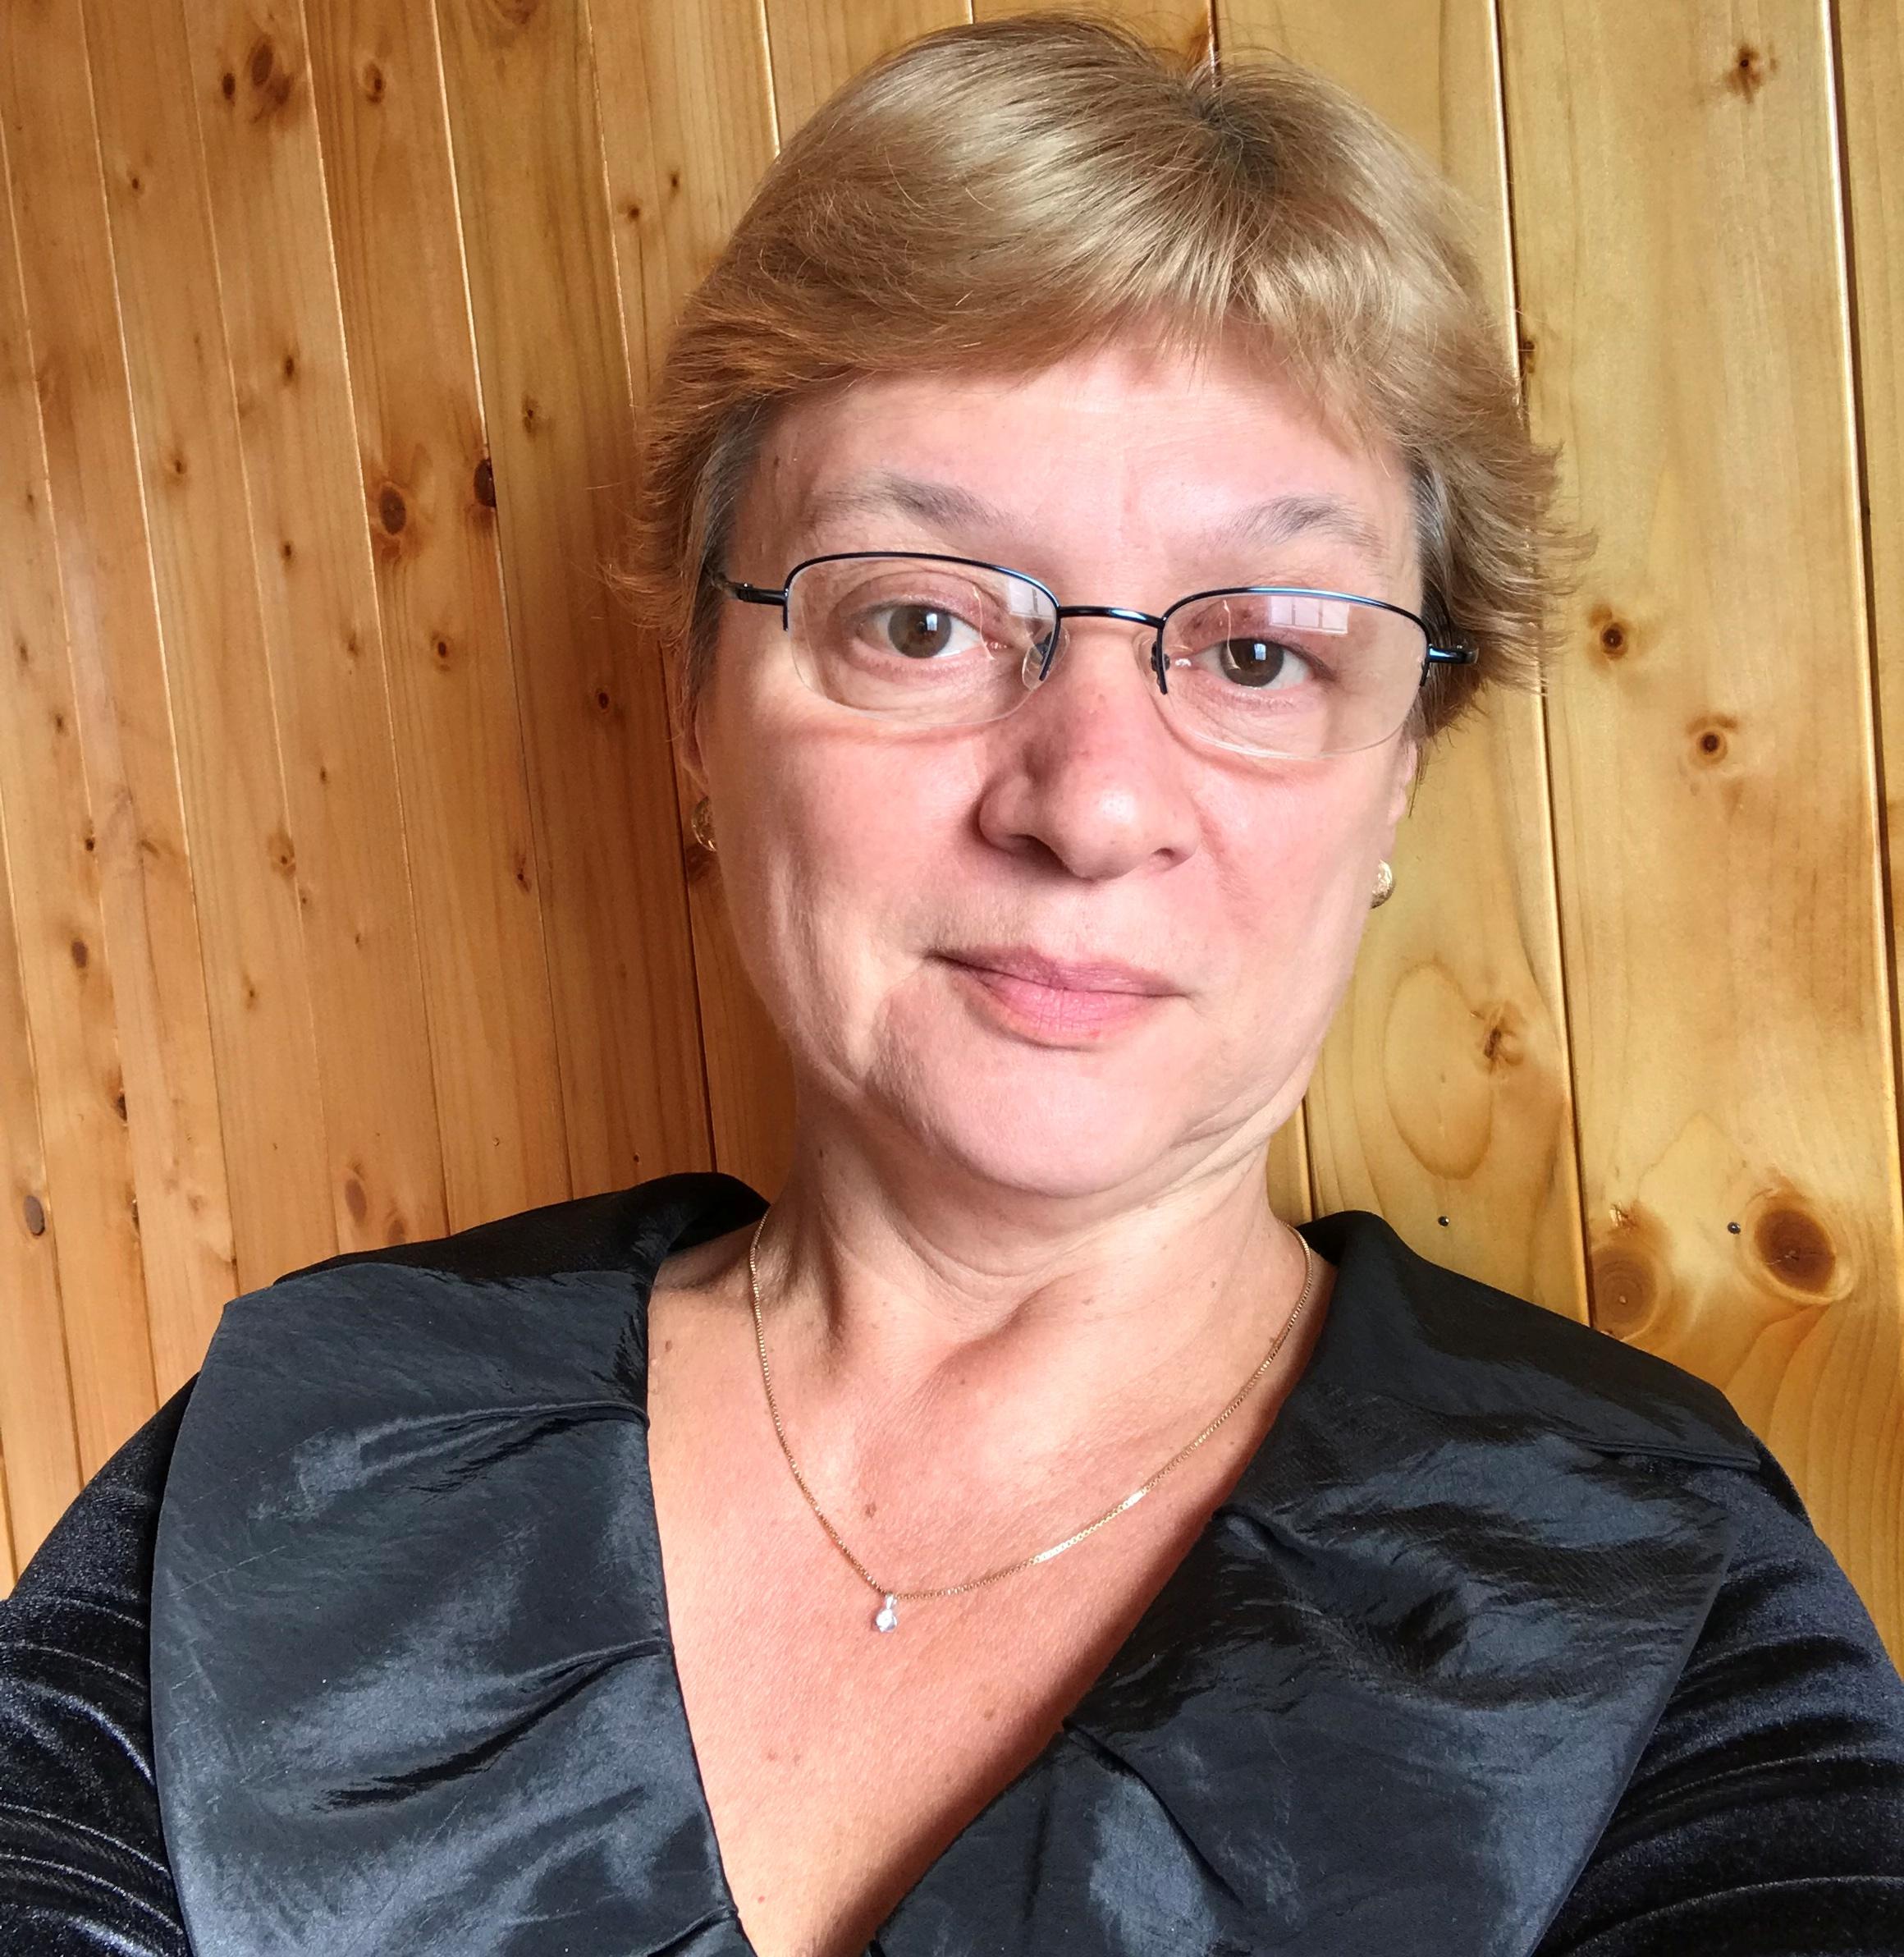 MONDIRU Cristina